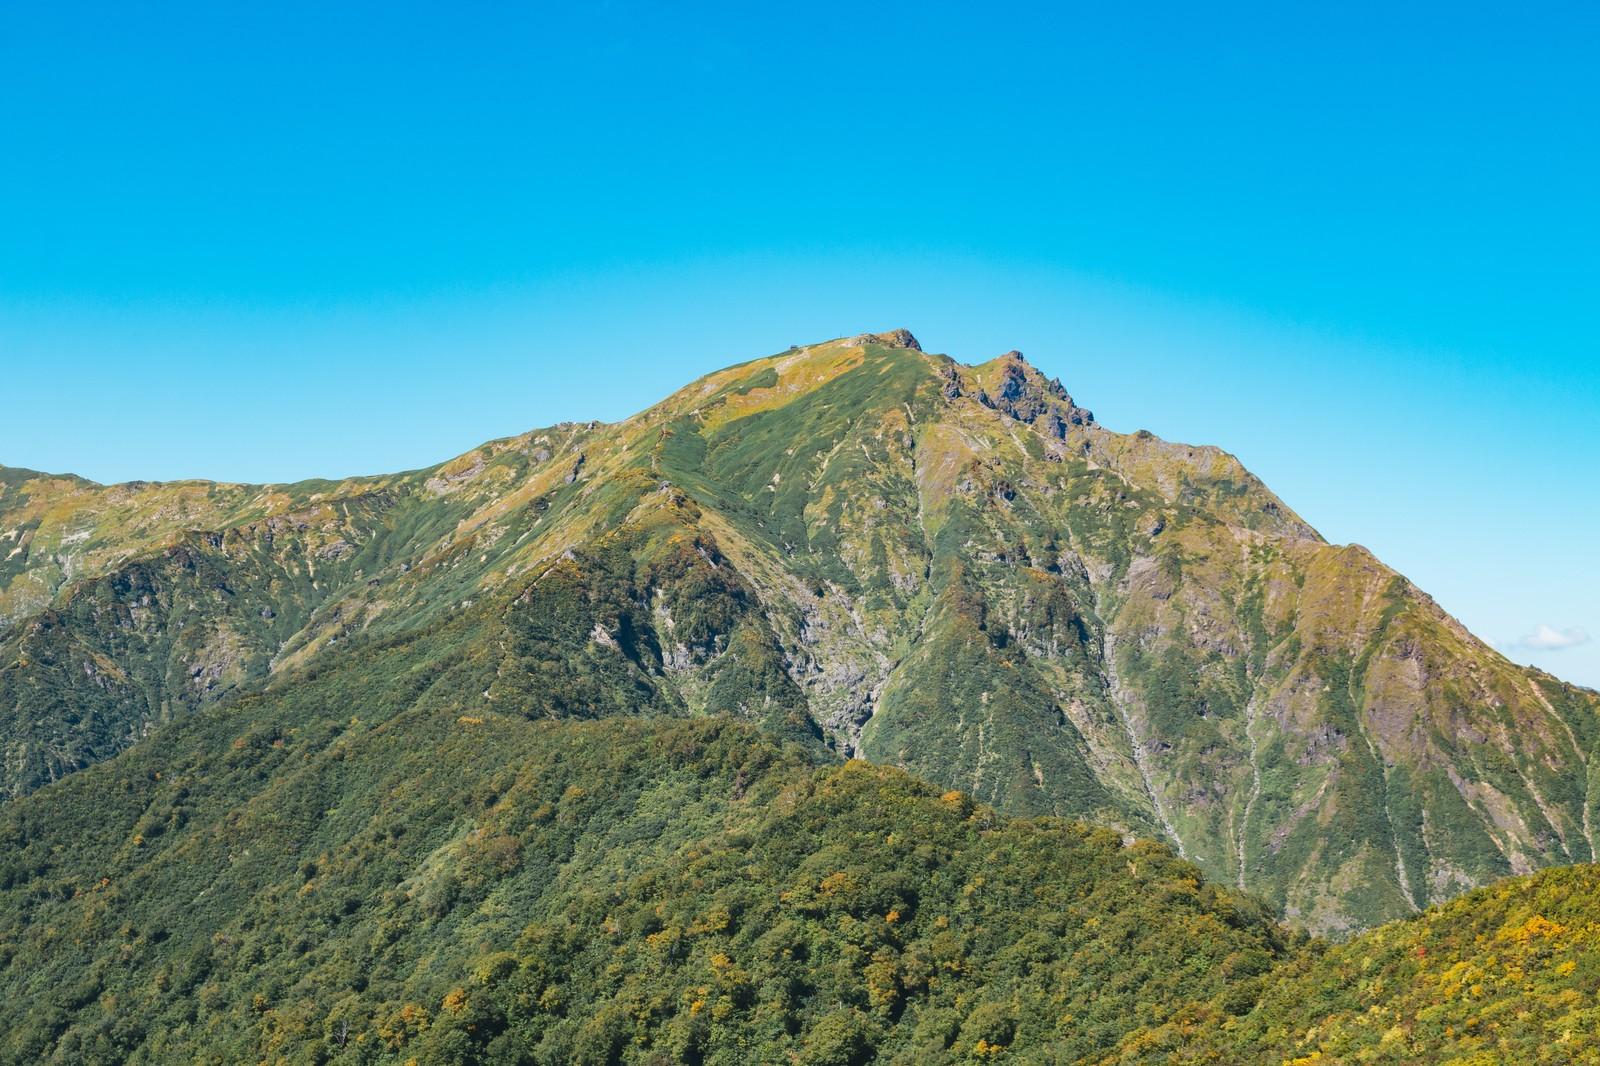 谷川岳ロープウェイで何する?登山や紅葉・星空観測など魅力がいっぱい!